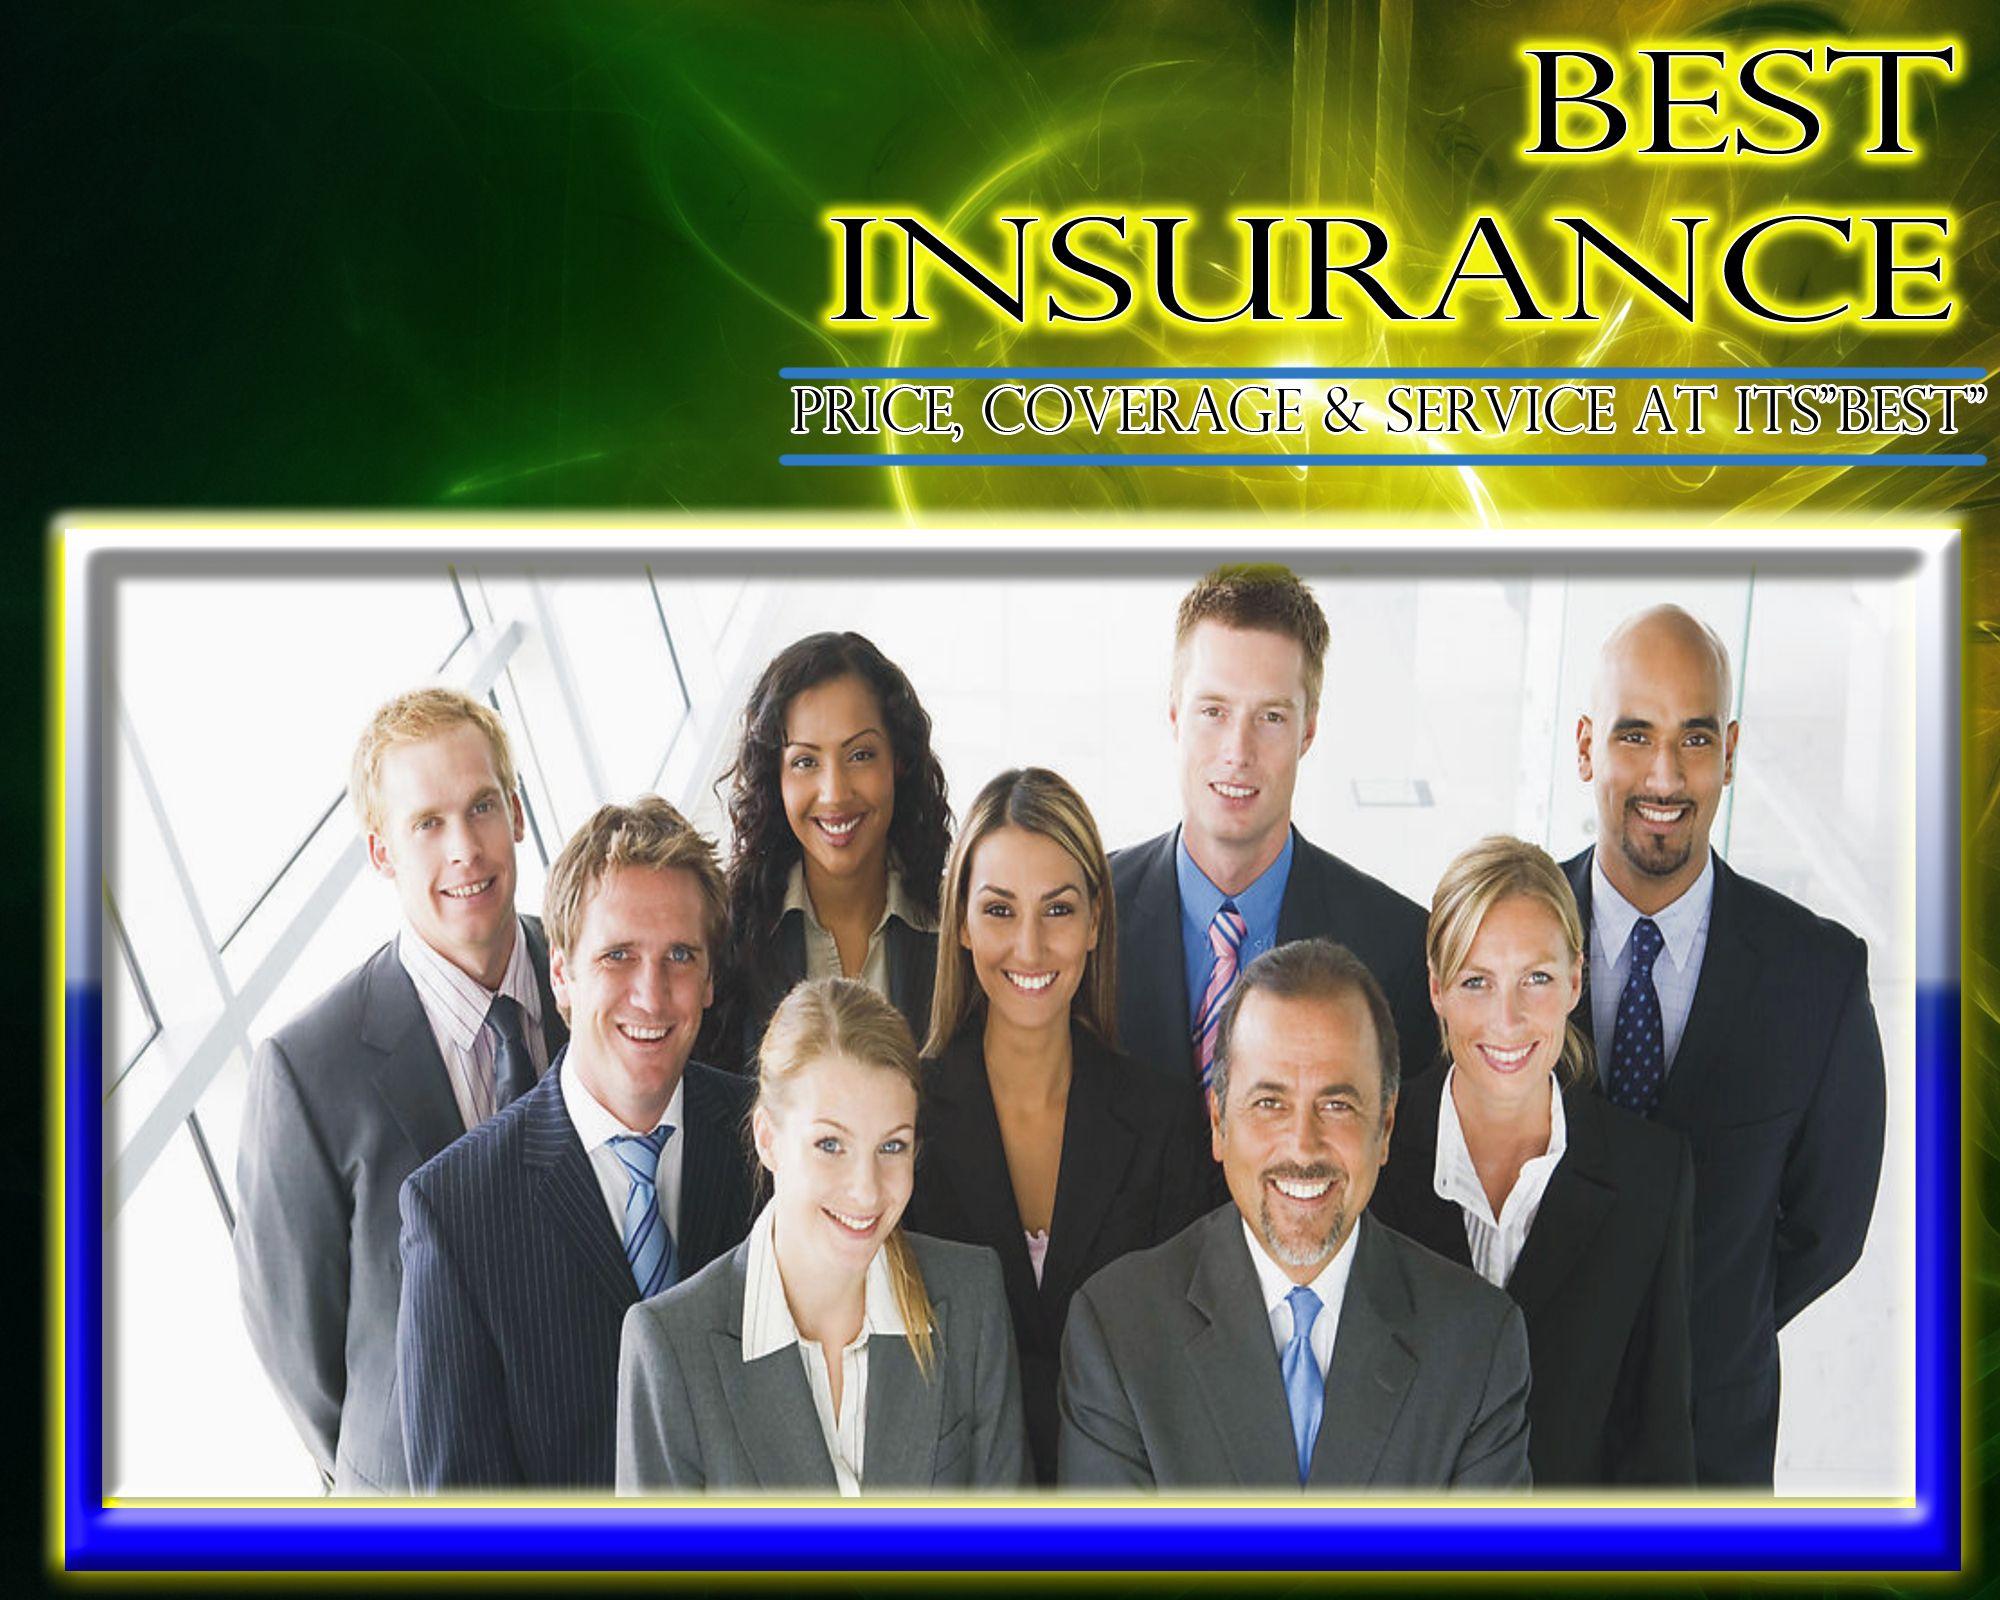 Autoinsuranceft Lauderdale Group Insurance Best Insurance Group